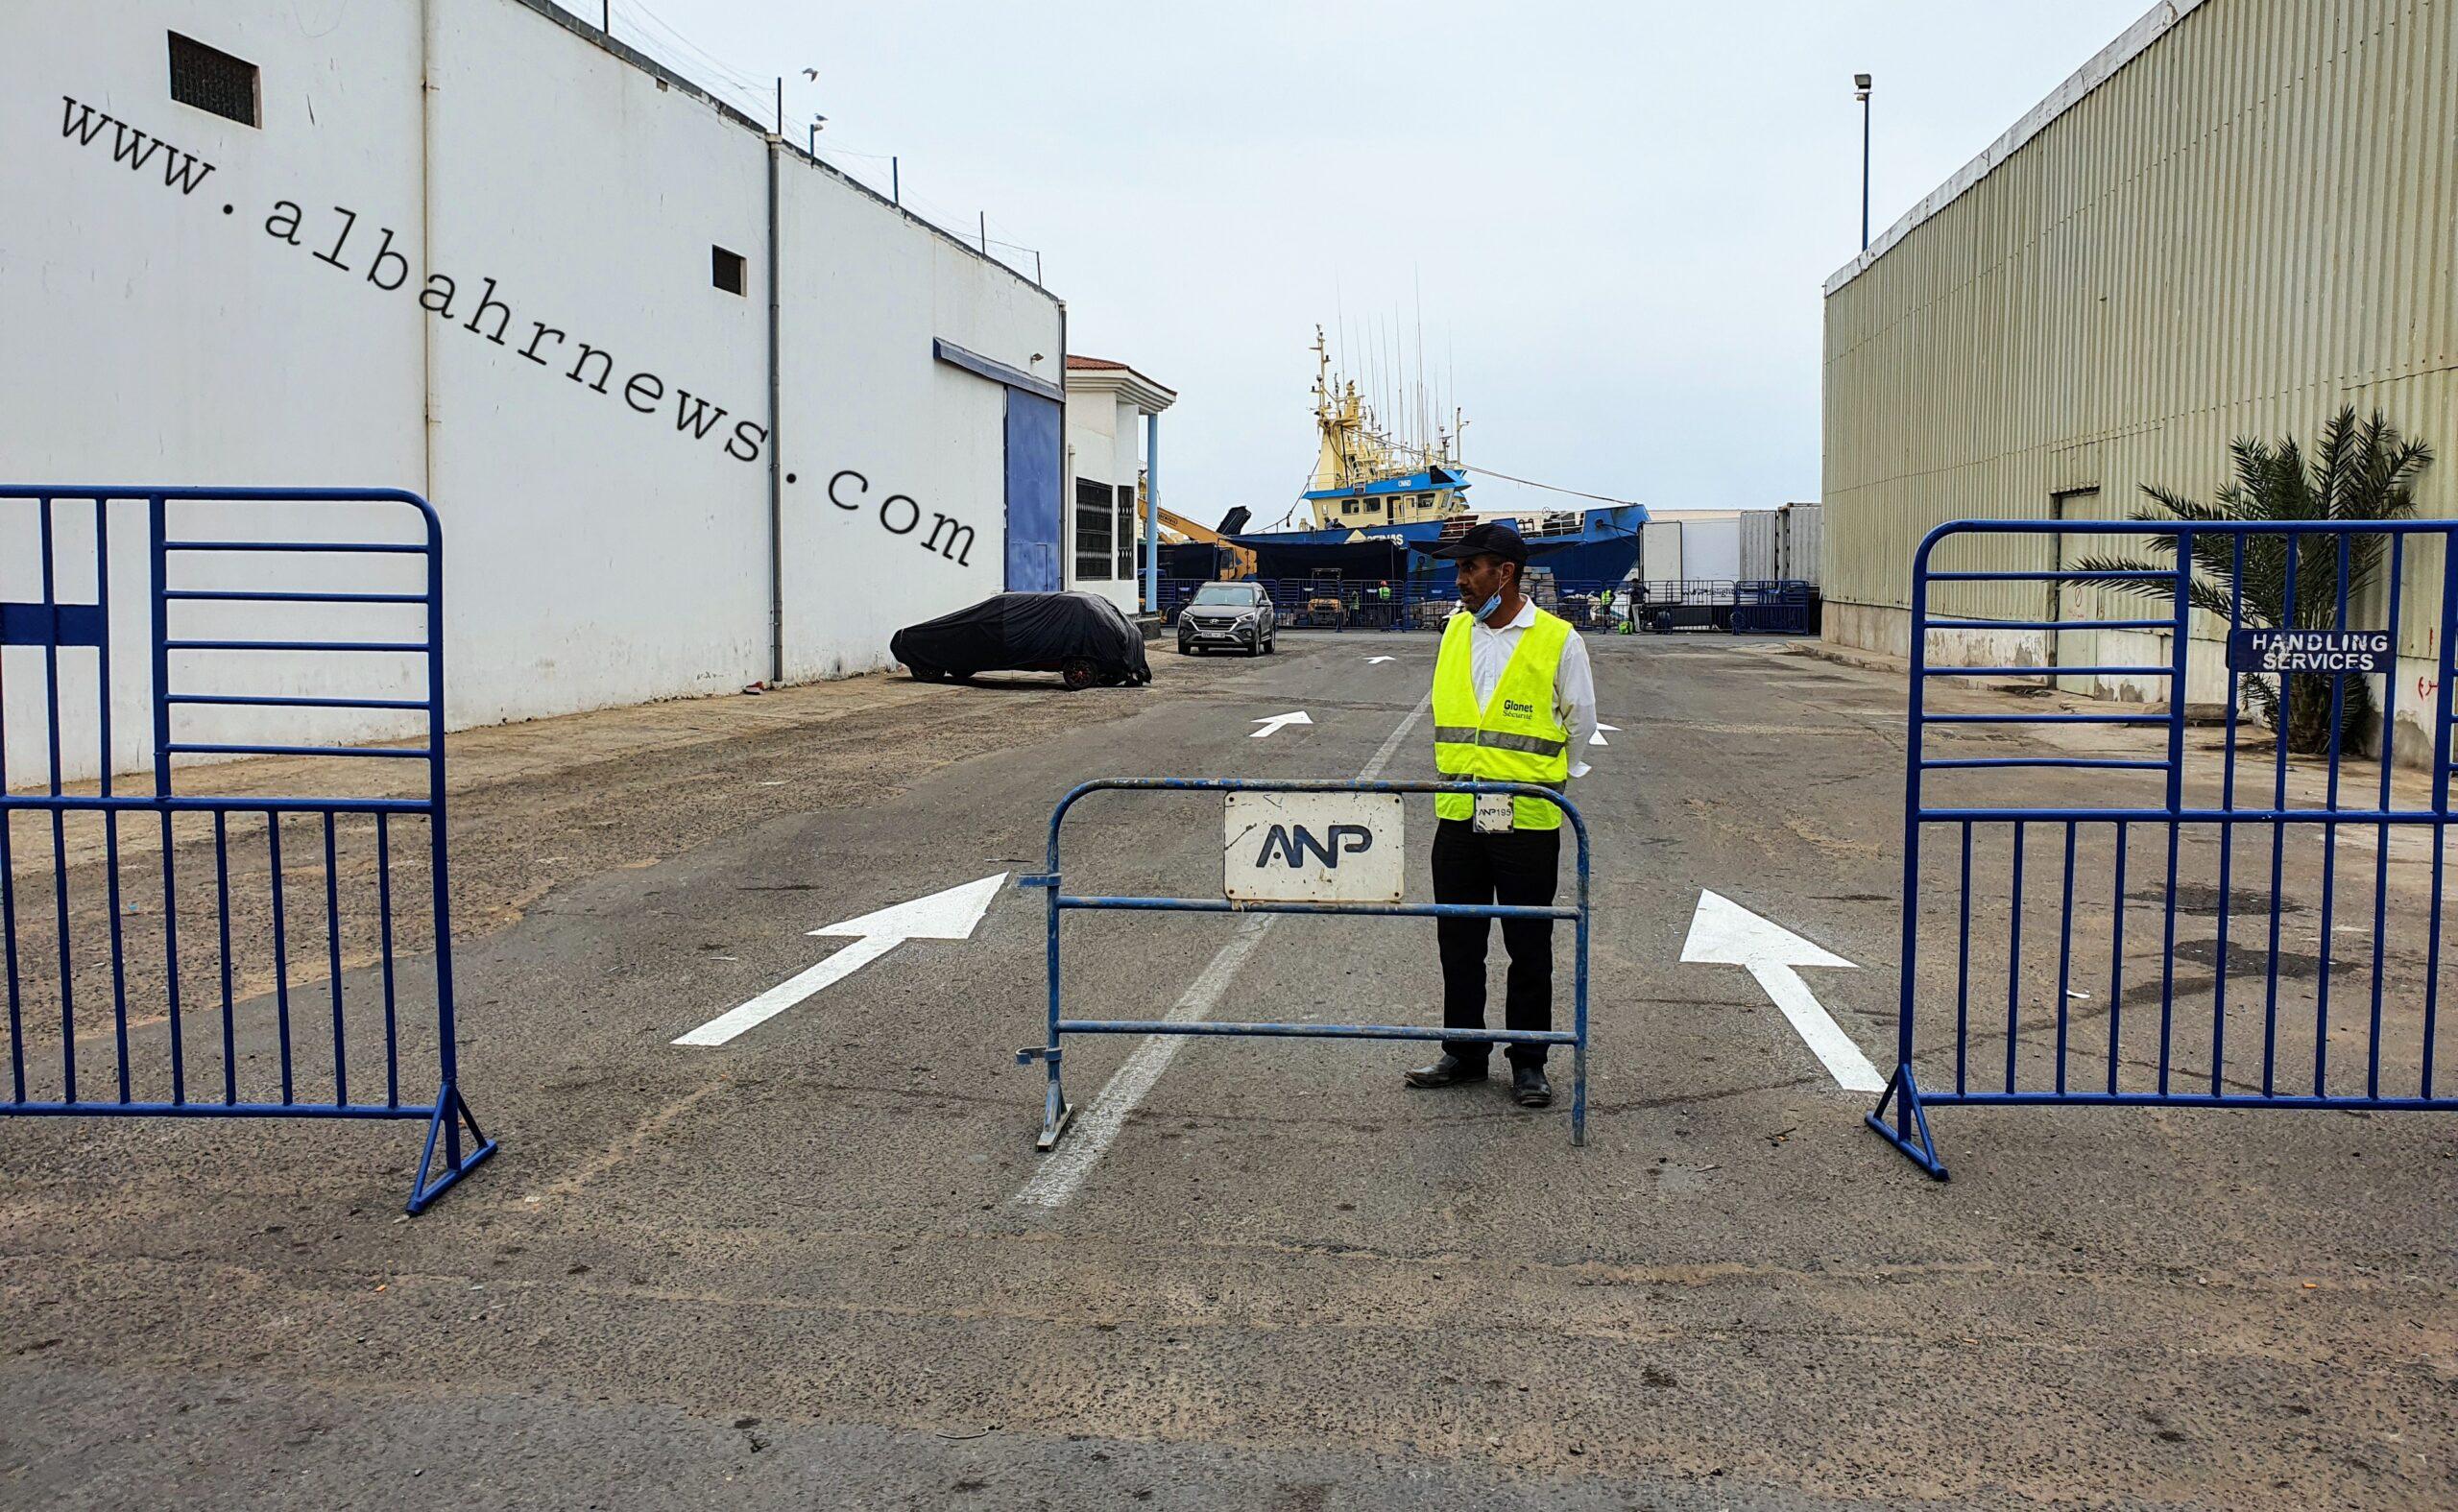 المدخل الوحيد لولوج الرصيف المينائي (6-)